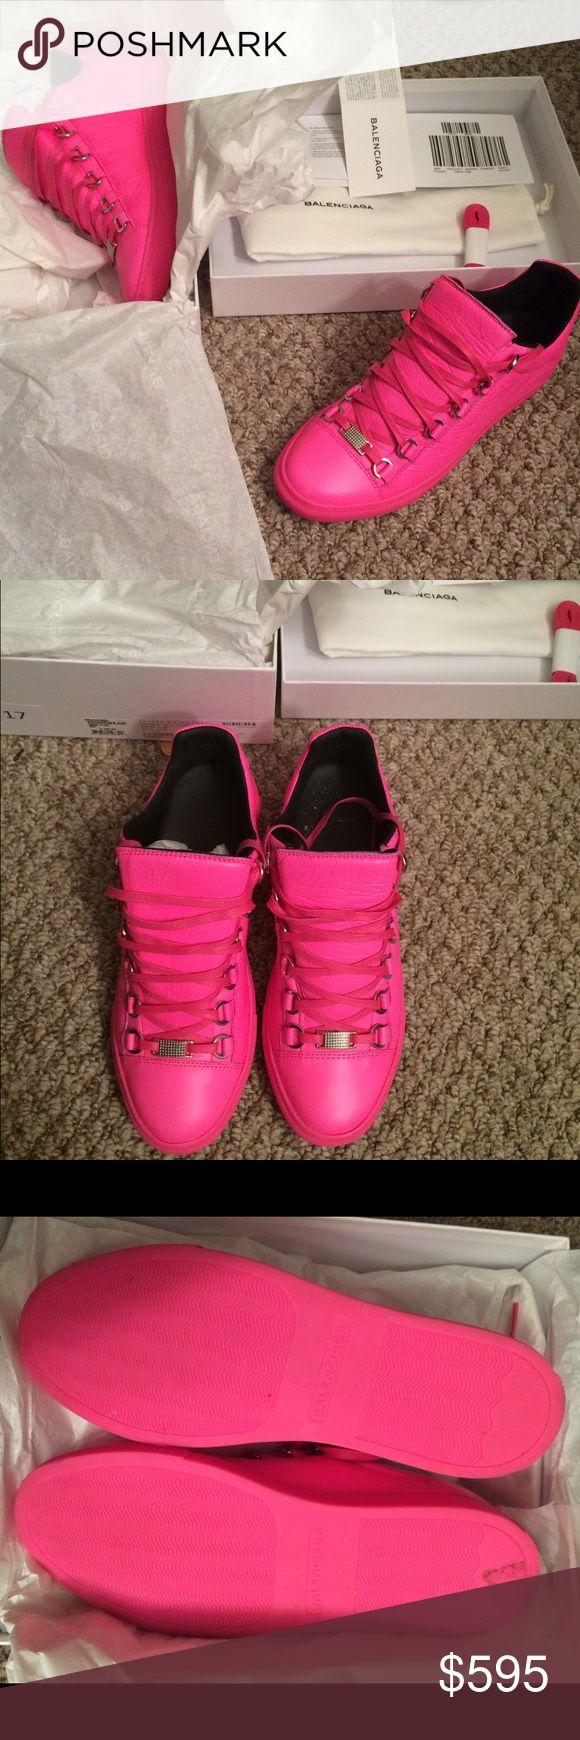 Balenciaga Arena Sneakers Exclusive Balanciaga Arena Women's Sneakers! Brand new! Wore once! Size 8! Balenciaga Shoes Sneakers